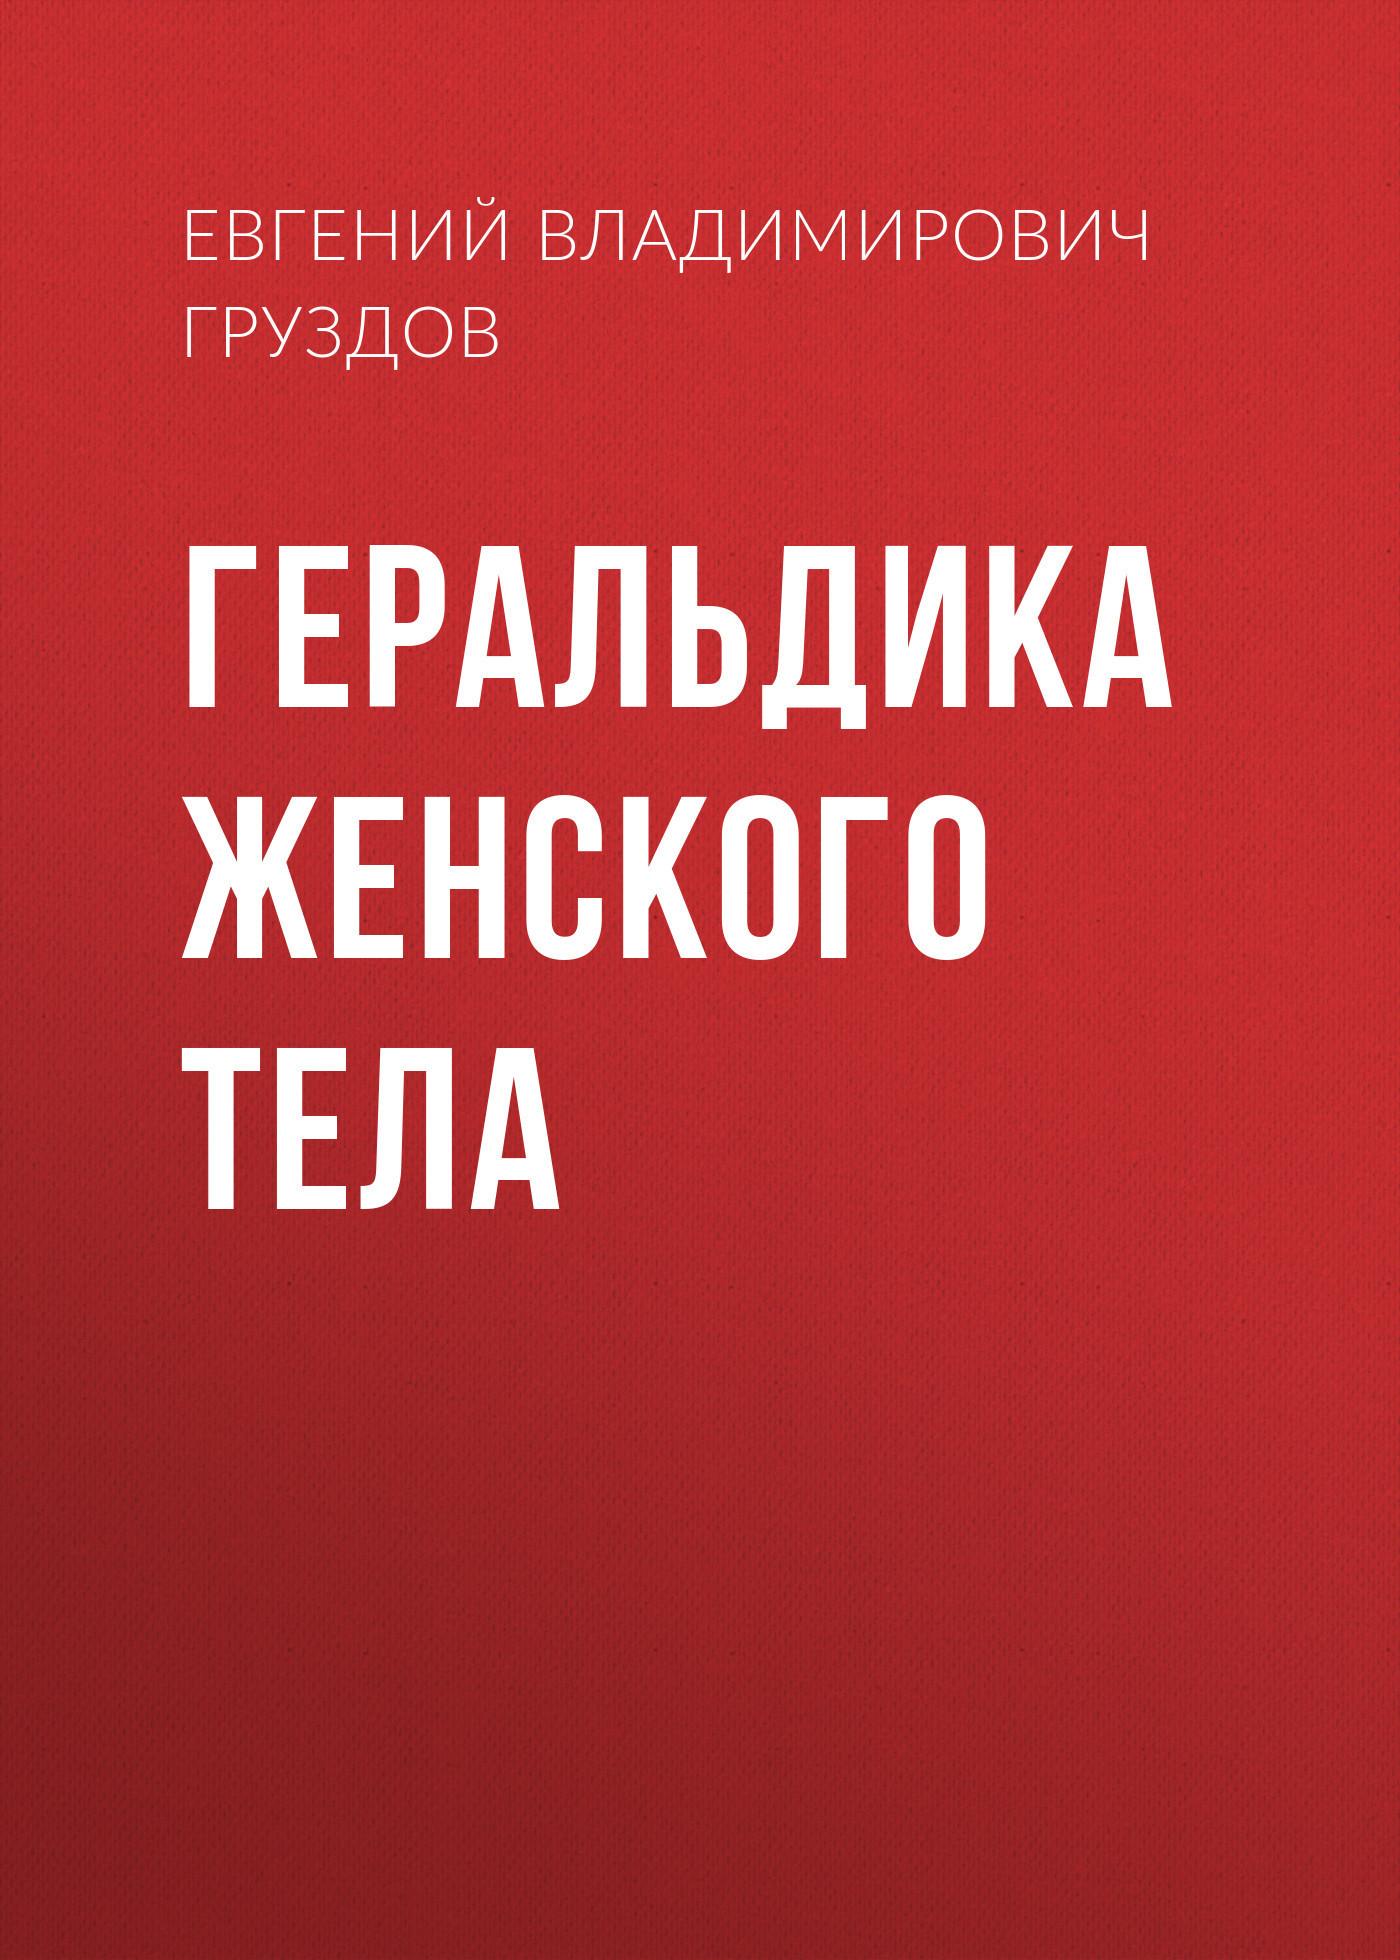 Евгений Владимирович Груздов Геральдика женского тела